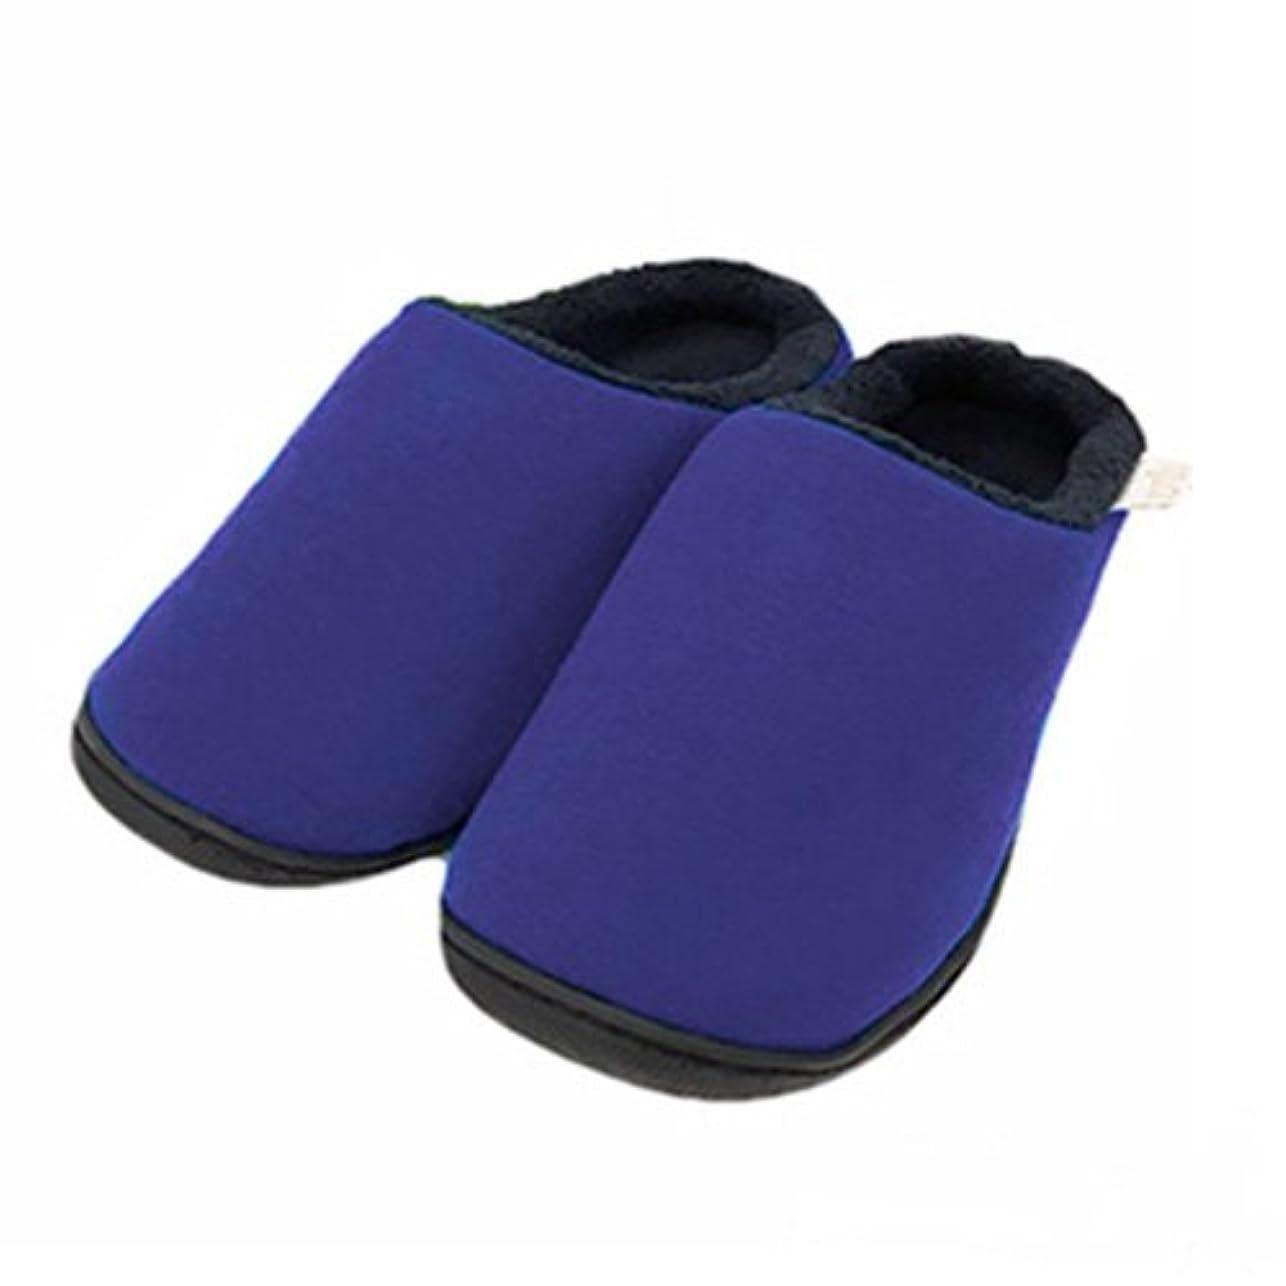 グループ曲堀Yogibo Room Shoes (M, パープル)